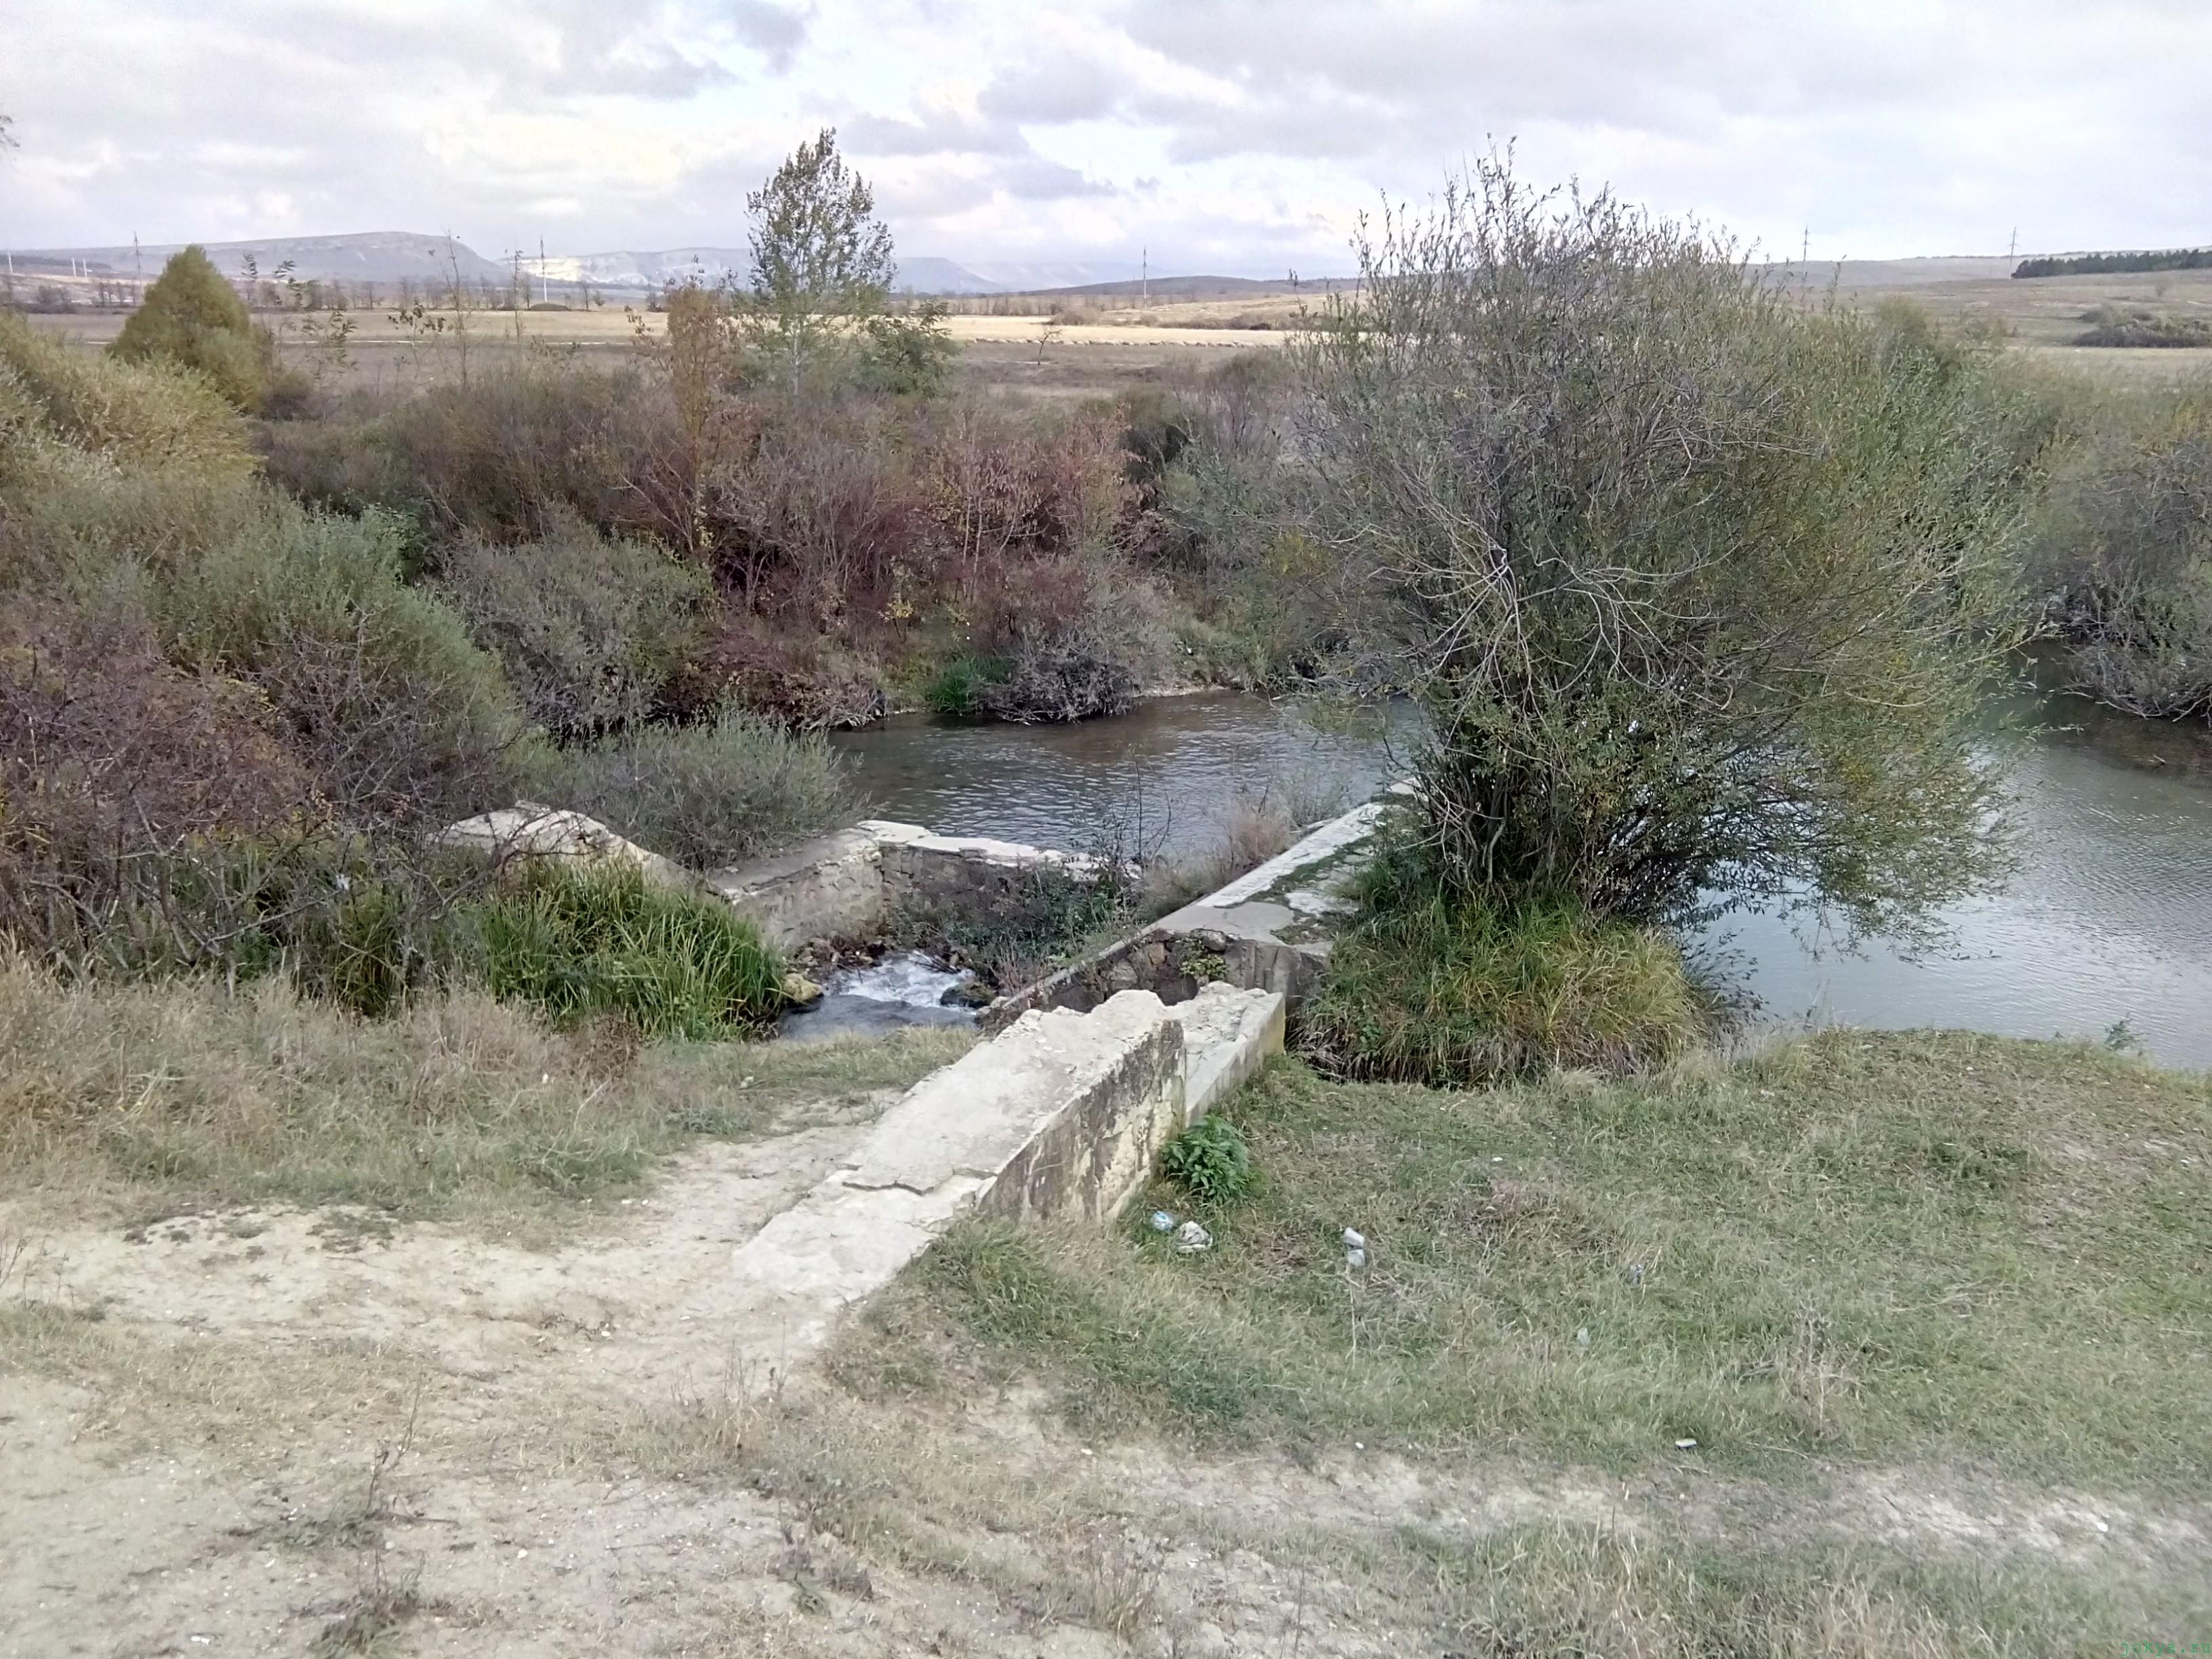 Как ловить окуня на реке биюк-карасу осенью в Крыму моя фото реальность в Крыму jokya.ru